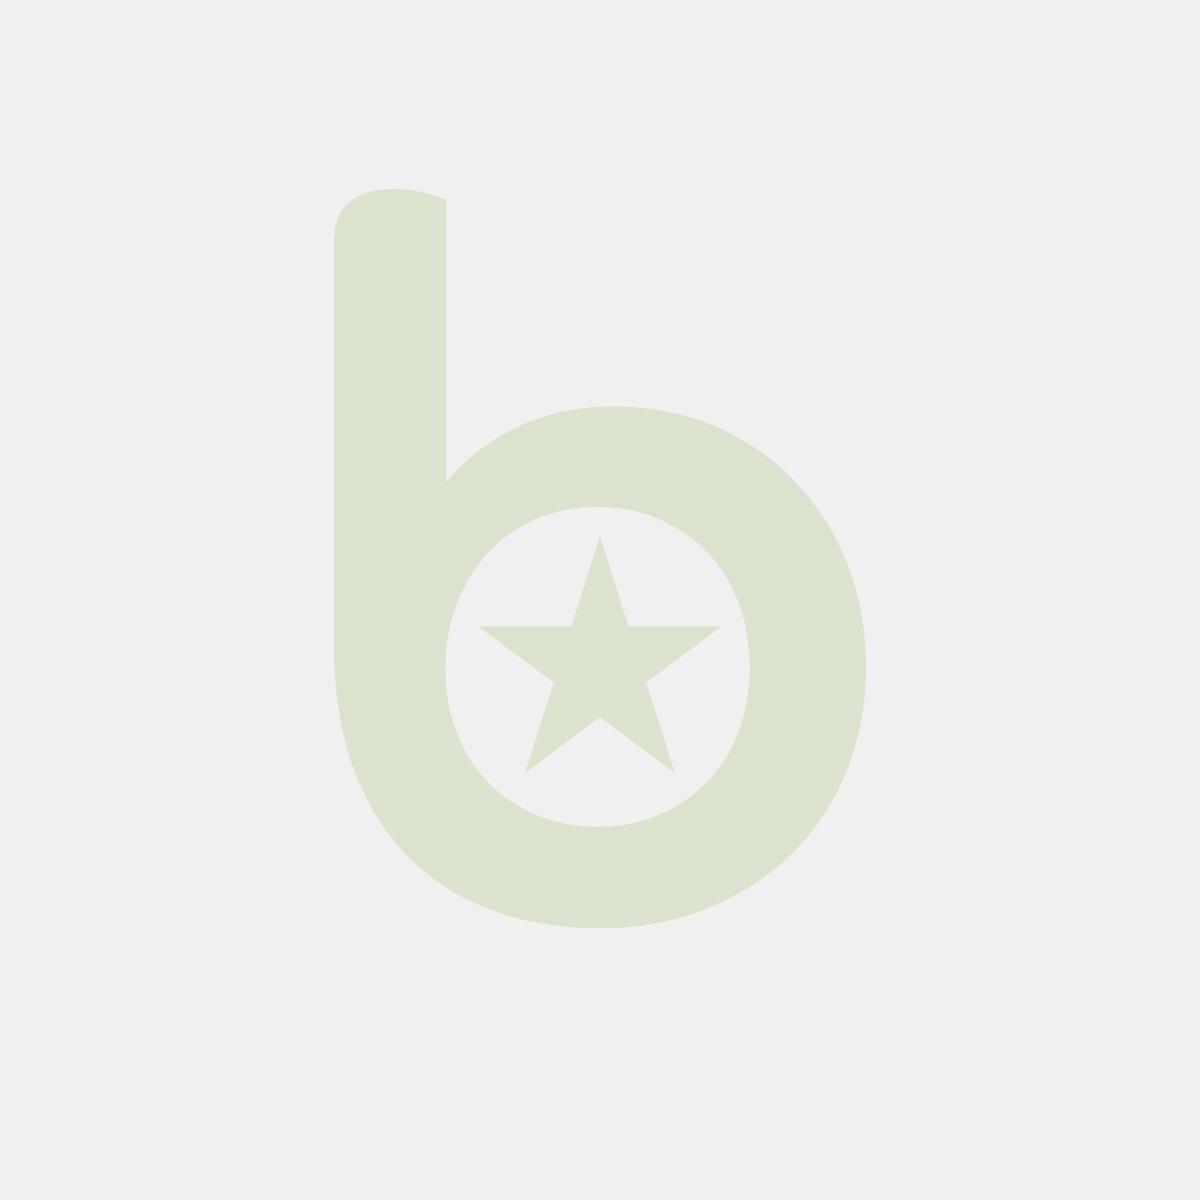 Pokrywka Do Gn Kitchen Line - Z Wycięciem Na Chochlę Gn 1/4